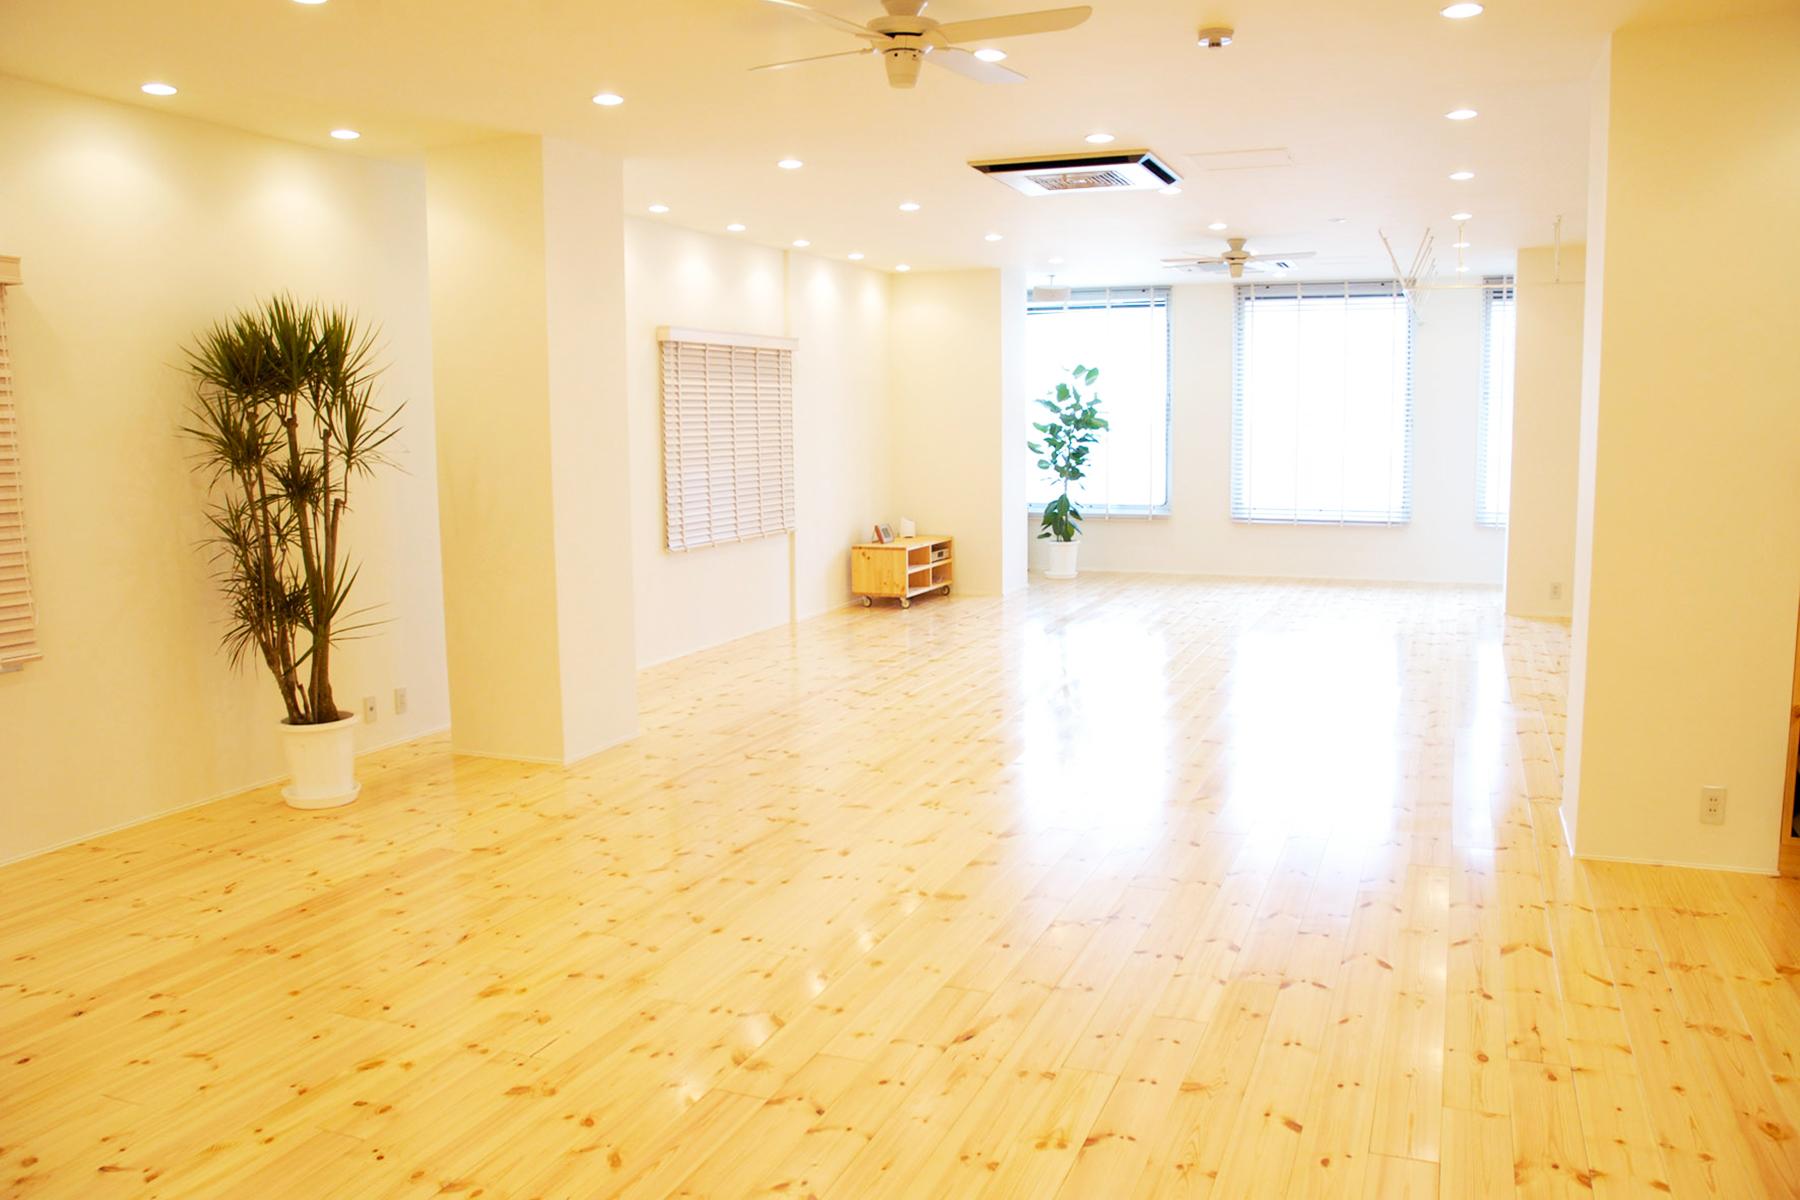 スタジオ・ヨギー銀座の画像